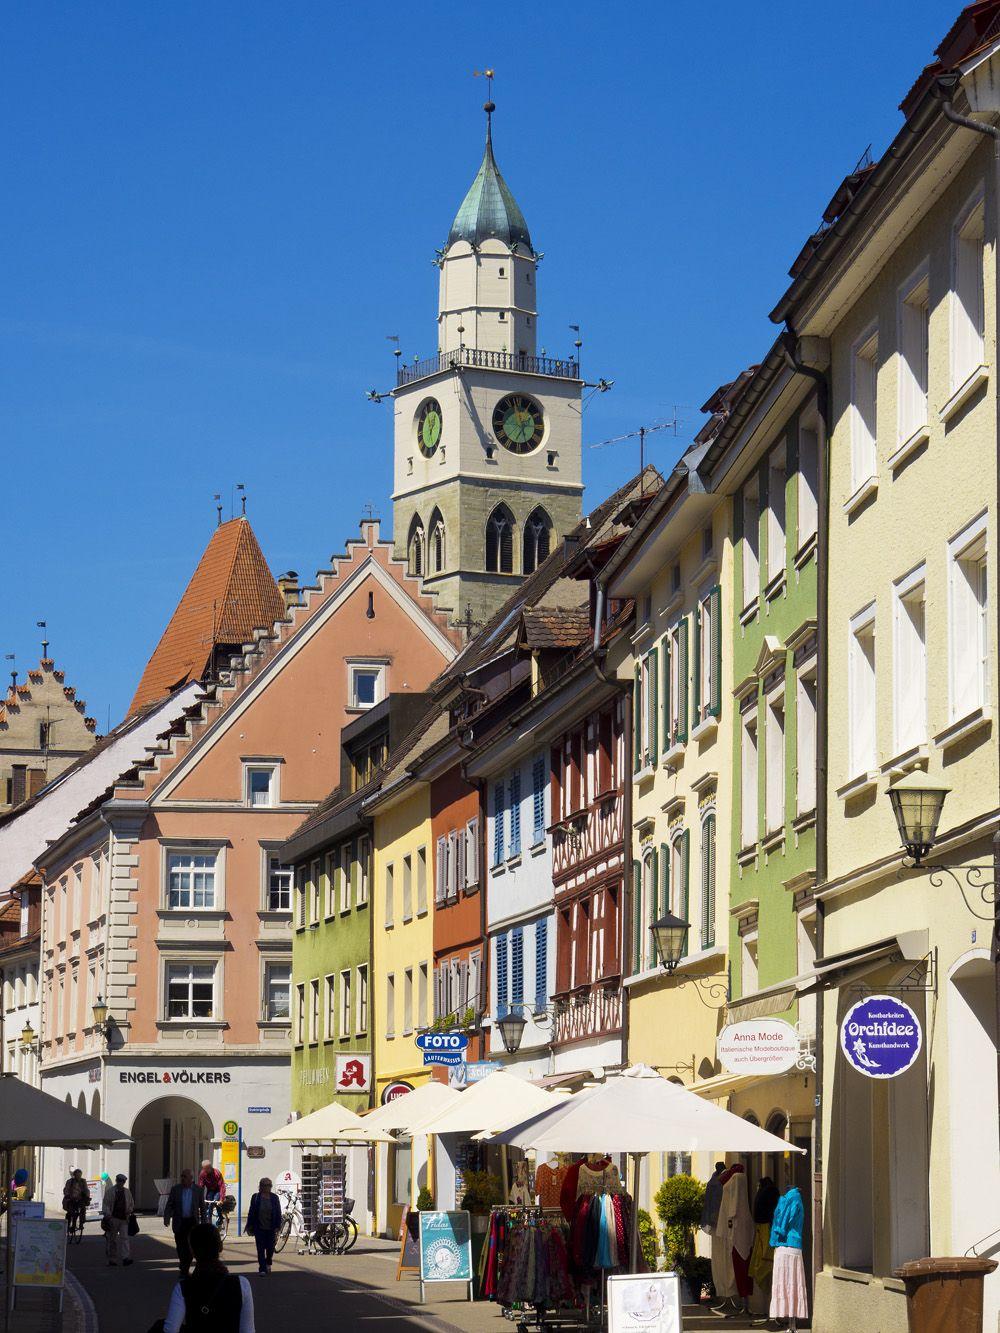 Der Turm Des Munster St Nikolaus Von Uberlingen Im Hintergrund Das Wahrzeichen Der Stadt Beruhmt Die Festlichen Mu Bodensee Germany Bodensee Bodensee Urlaub